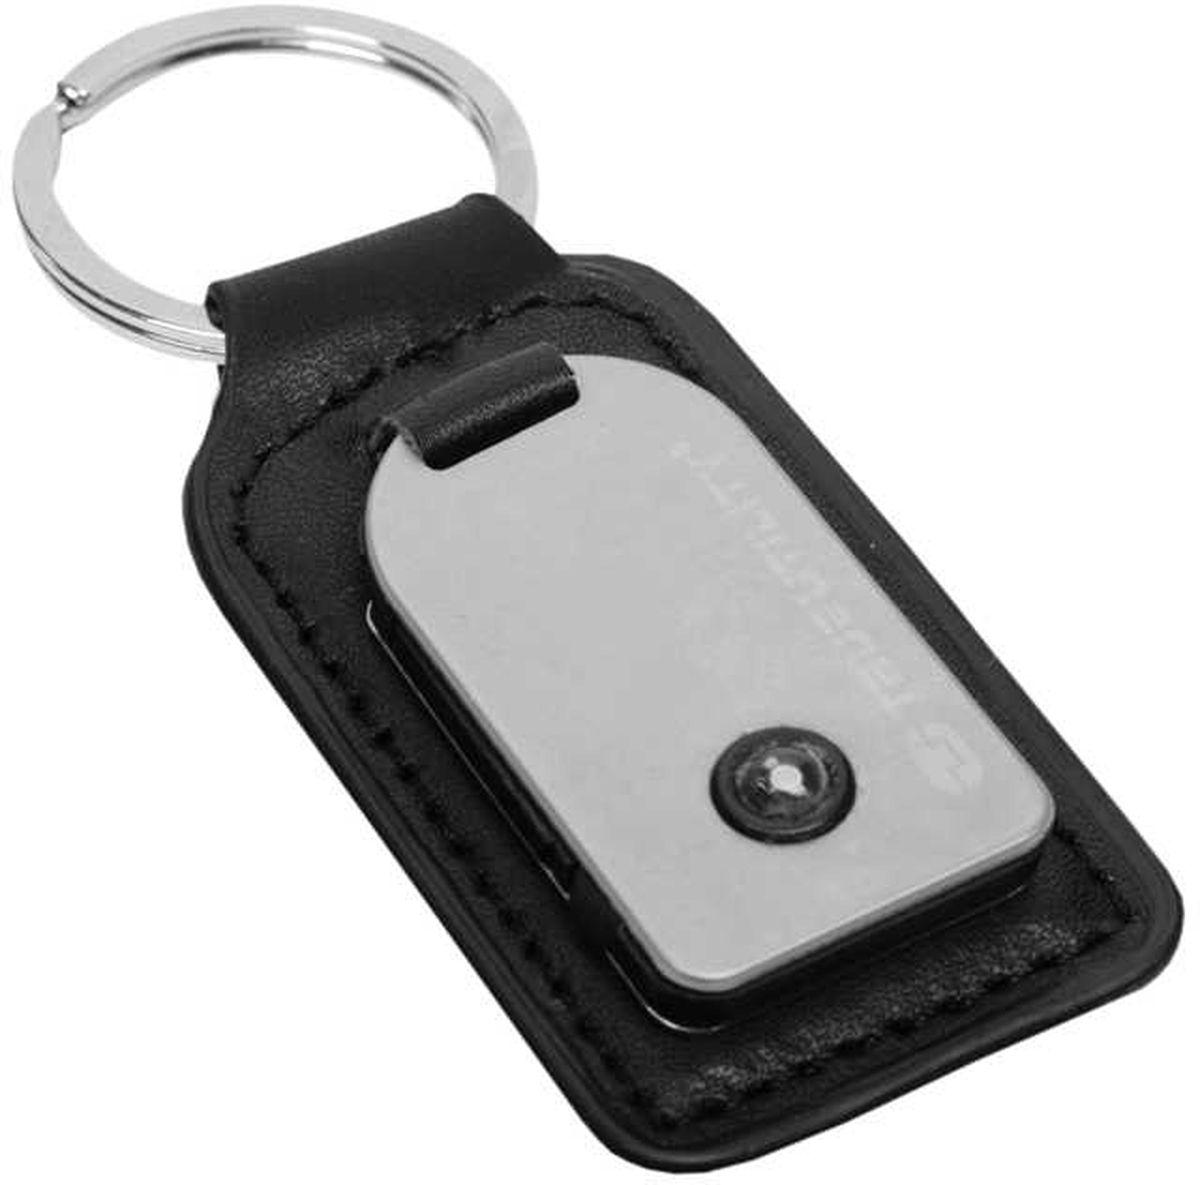 Брелок с фонариком True Utility Leather FobLite BlackТU253ВБрелок со встроенным светодиодный фонариком. Стильный, компактный брелок с подкладкой из натуральной кожи. Прорезиненная кнопка включения/выключения. Размеры: 70 х 35 х 10 мм.